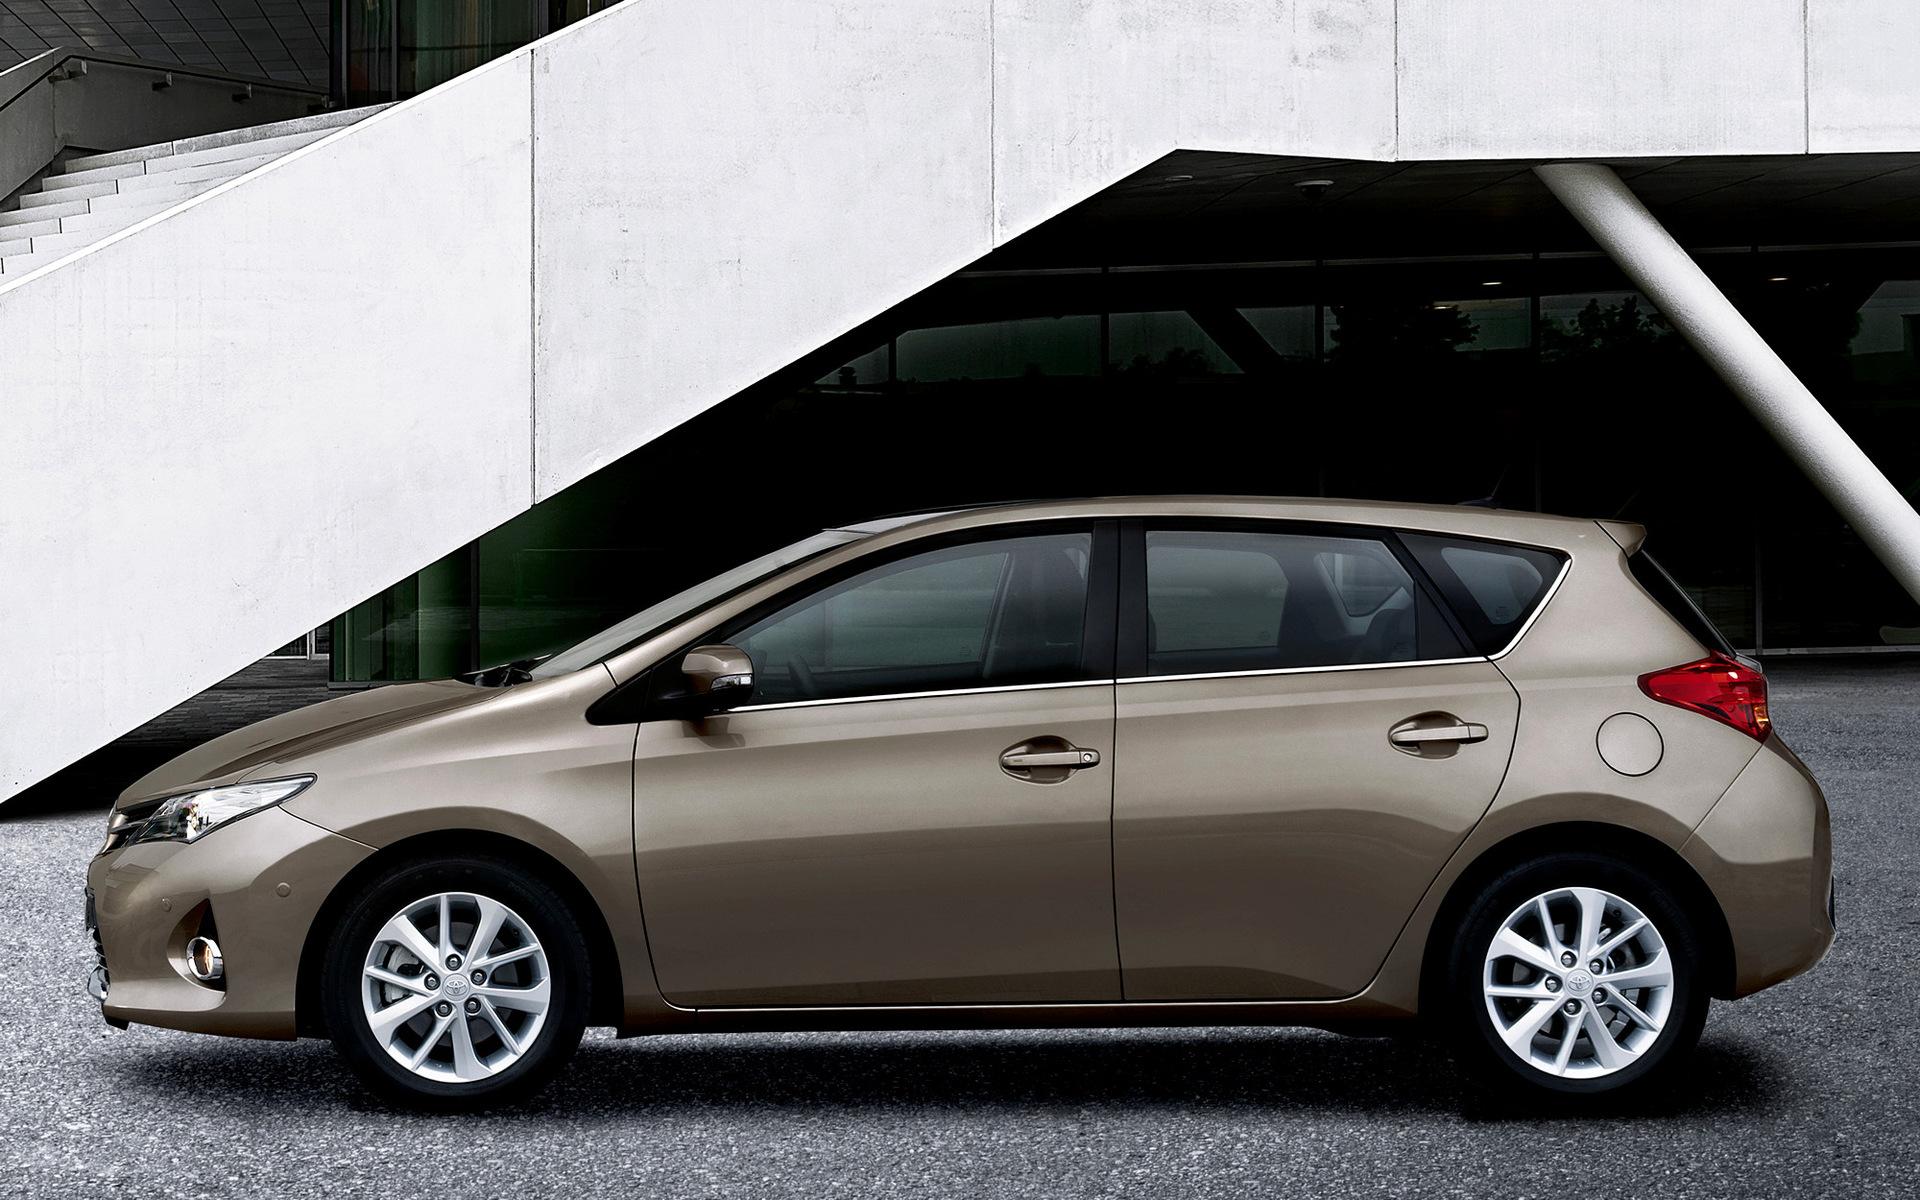 Toyota Аурис плюсы и минусы